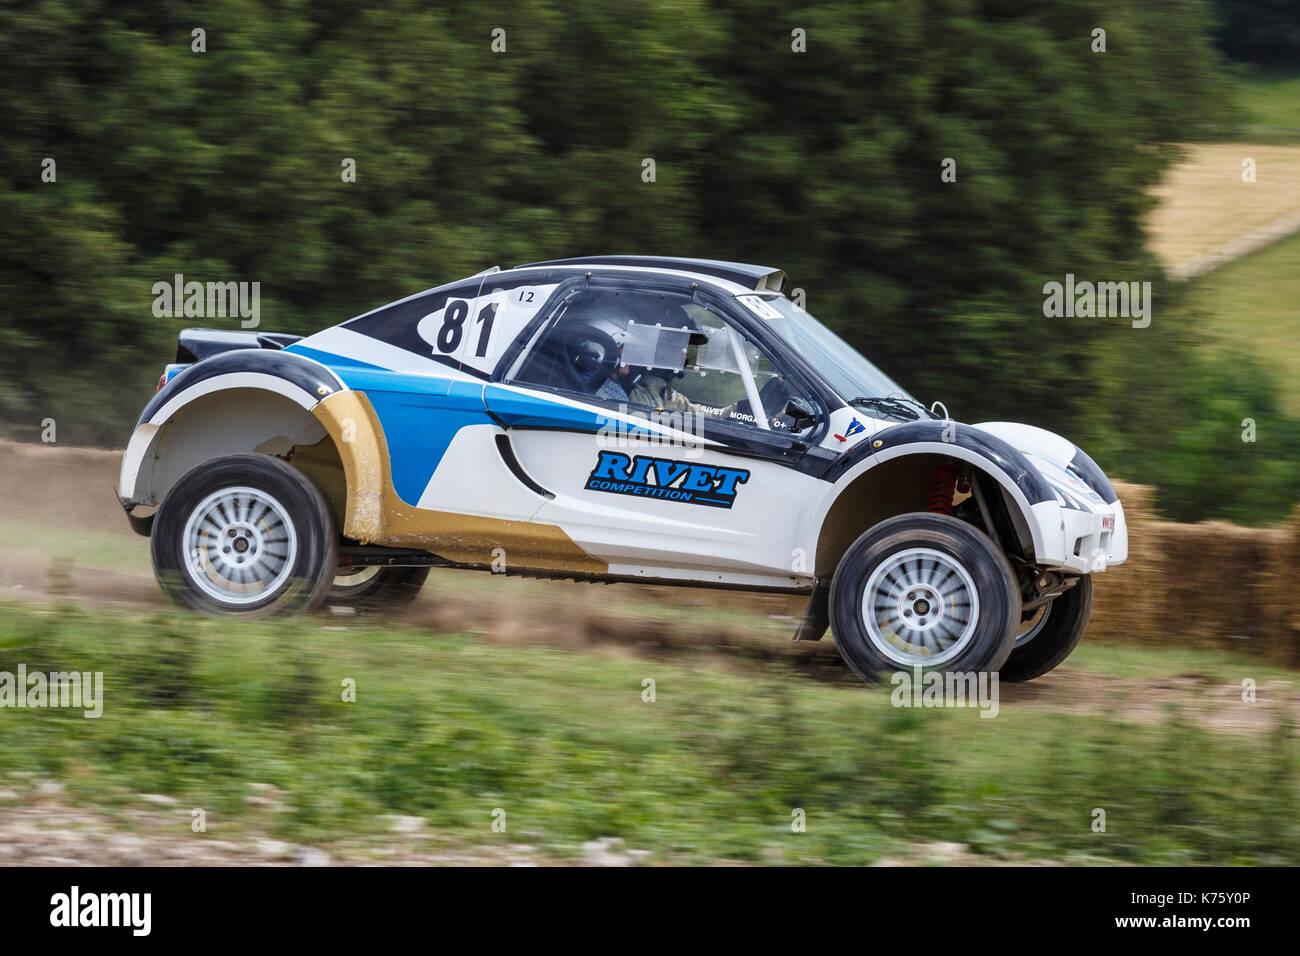 Niet buggy 2016 safari Championship Auto mit Fahrer fabrice Niet am Goodwood Festival 2017 von Geschwindigkeit, Sussex, UK. Stockbild